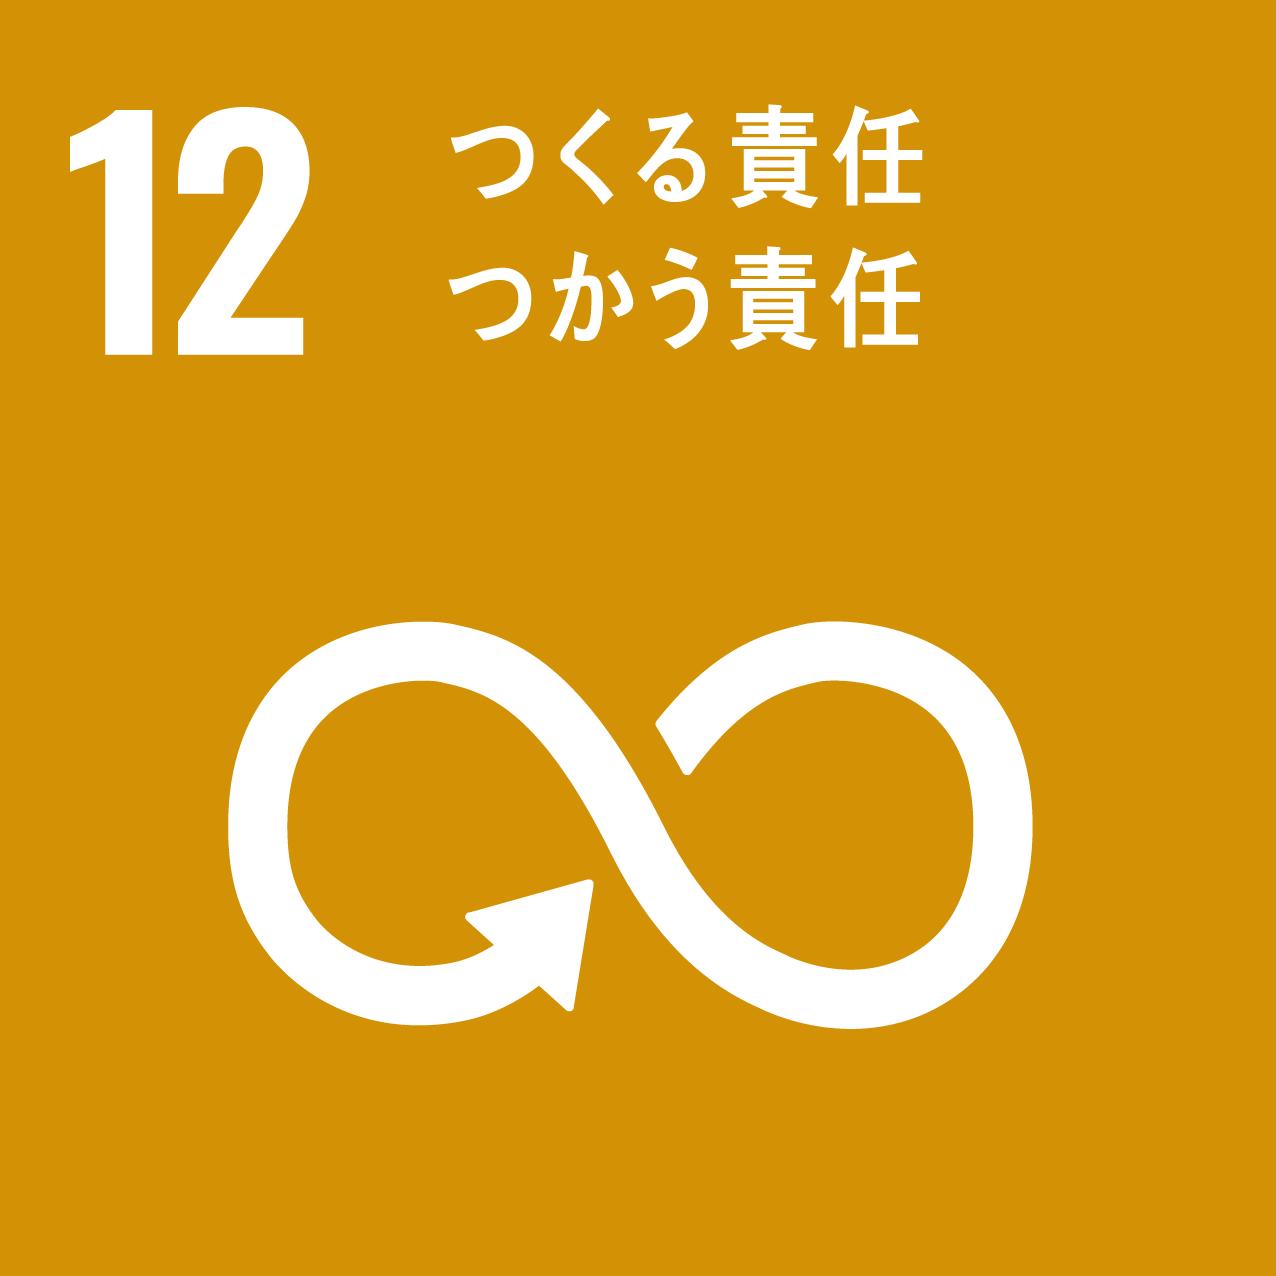 SDGs_12.png